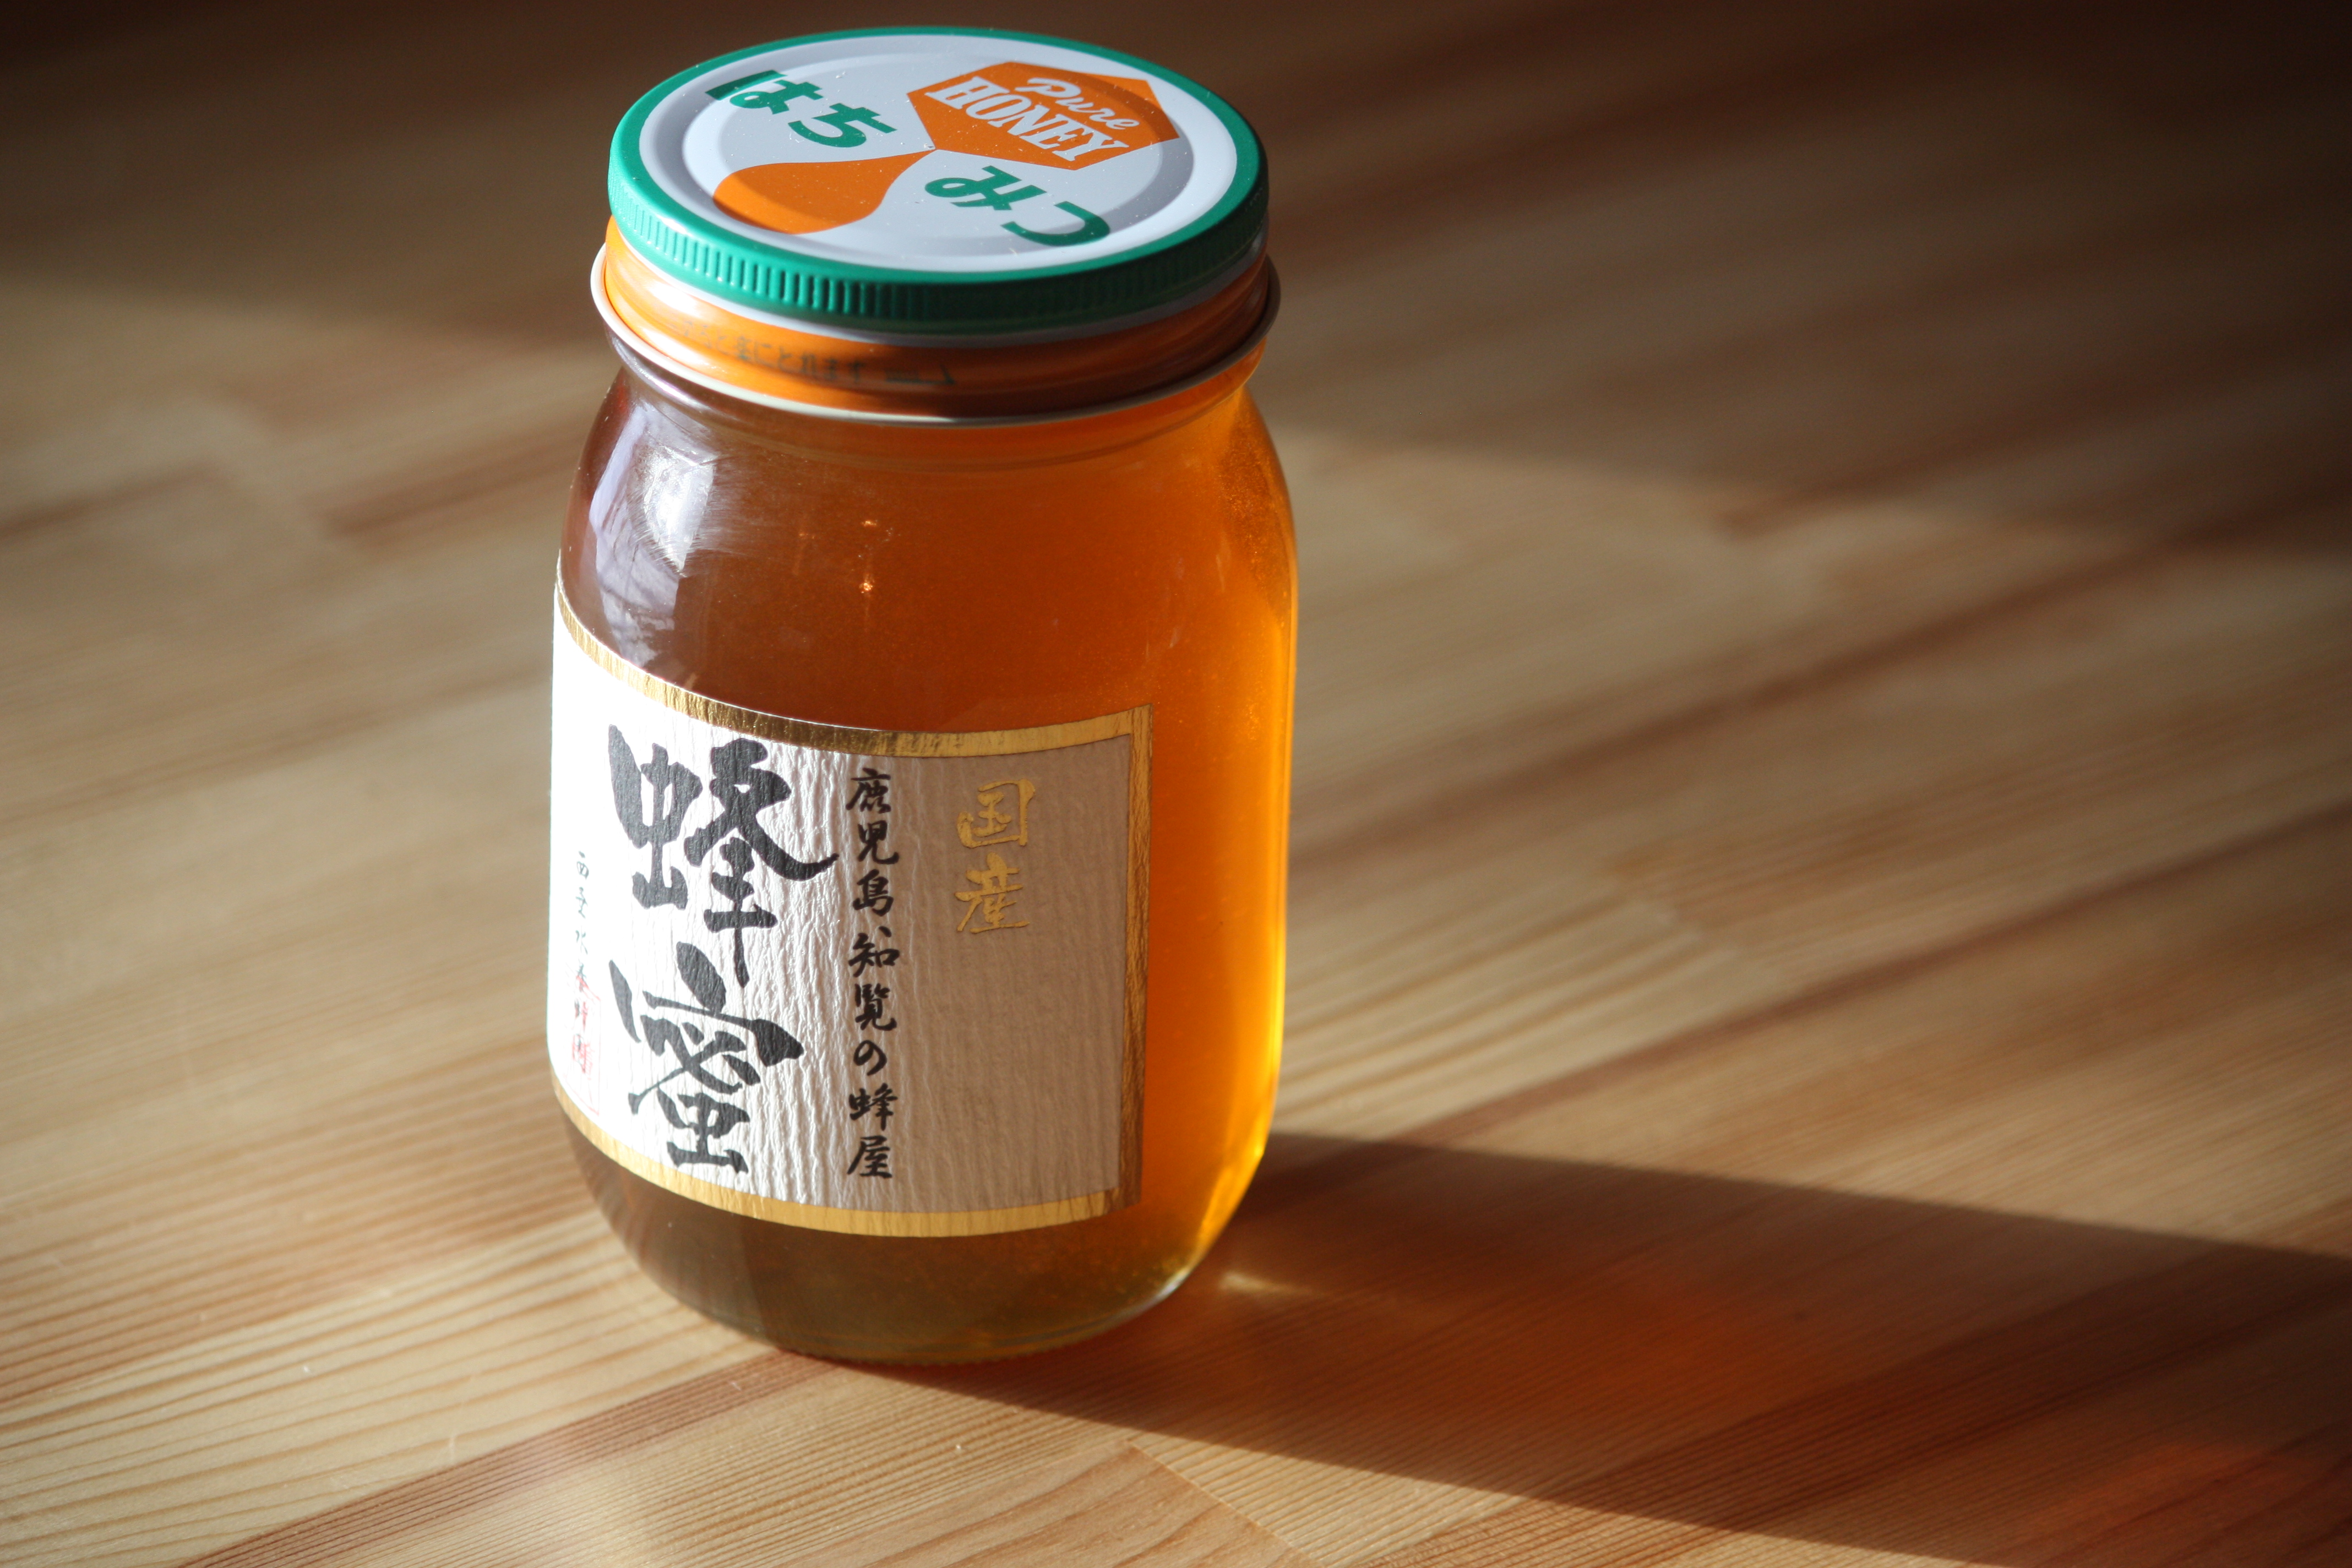 国産 菩提樹蜜(ぼだいじゅ 別名 シナ蜜) 600g 日本産